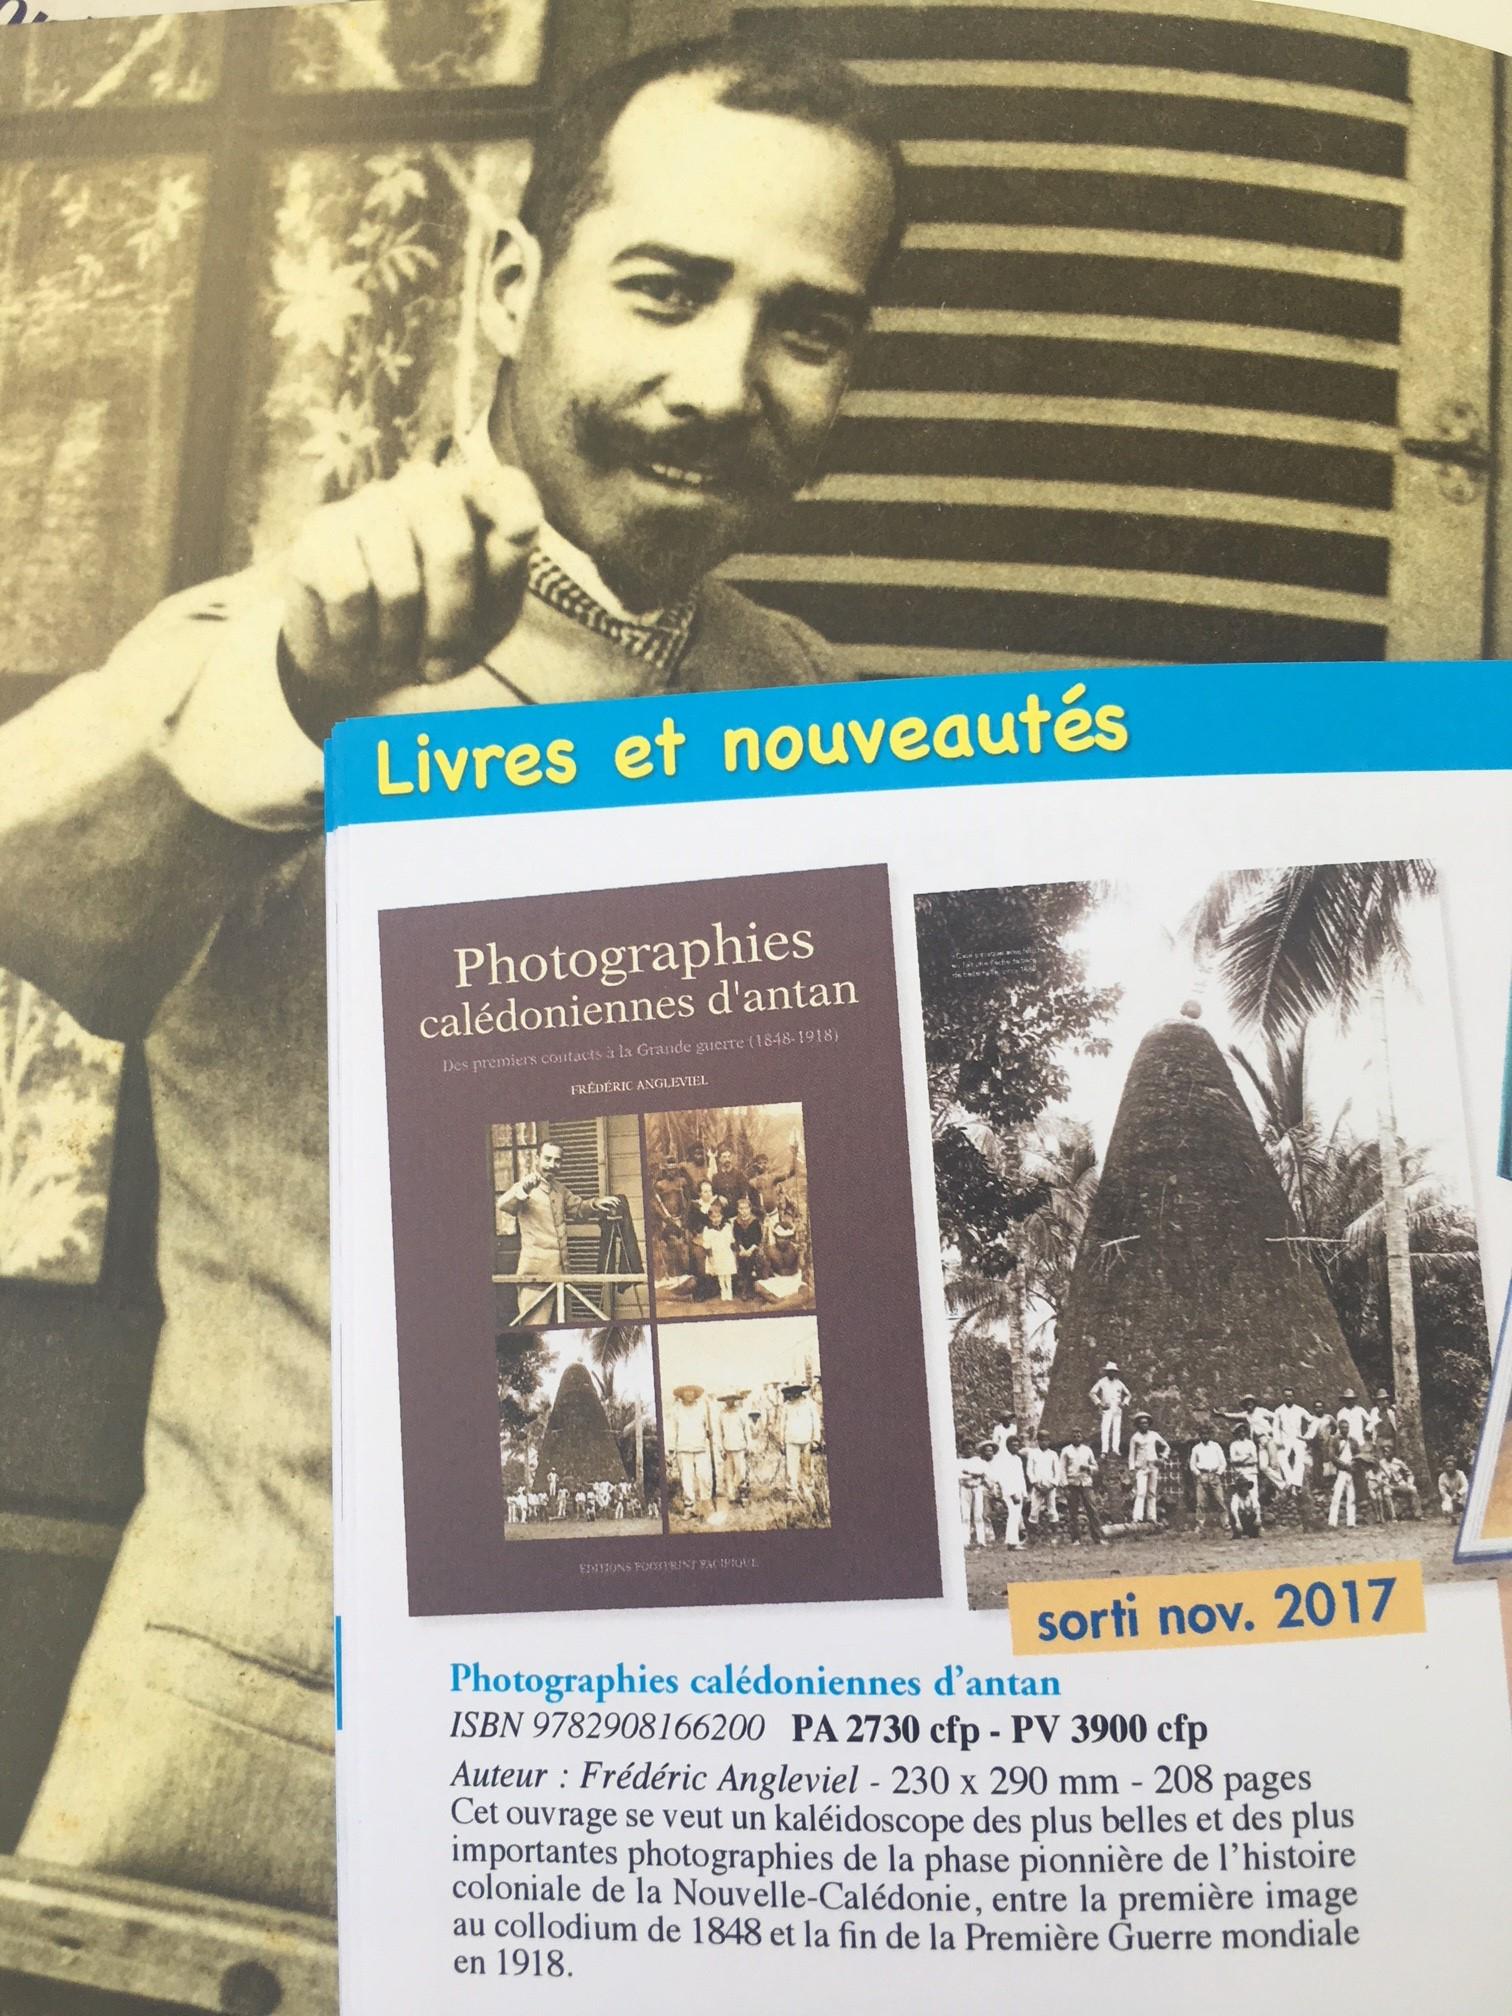 Photographies calédoniennes d'antan couverture.jpg